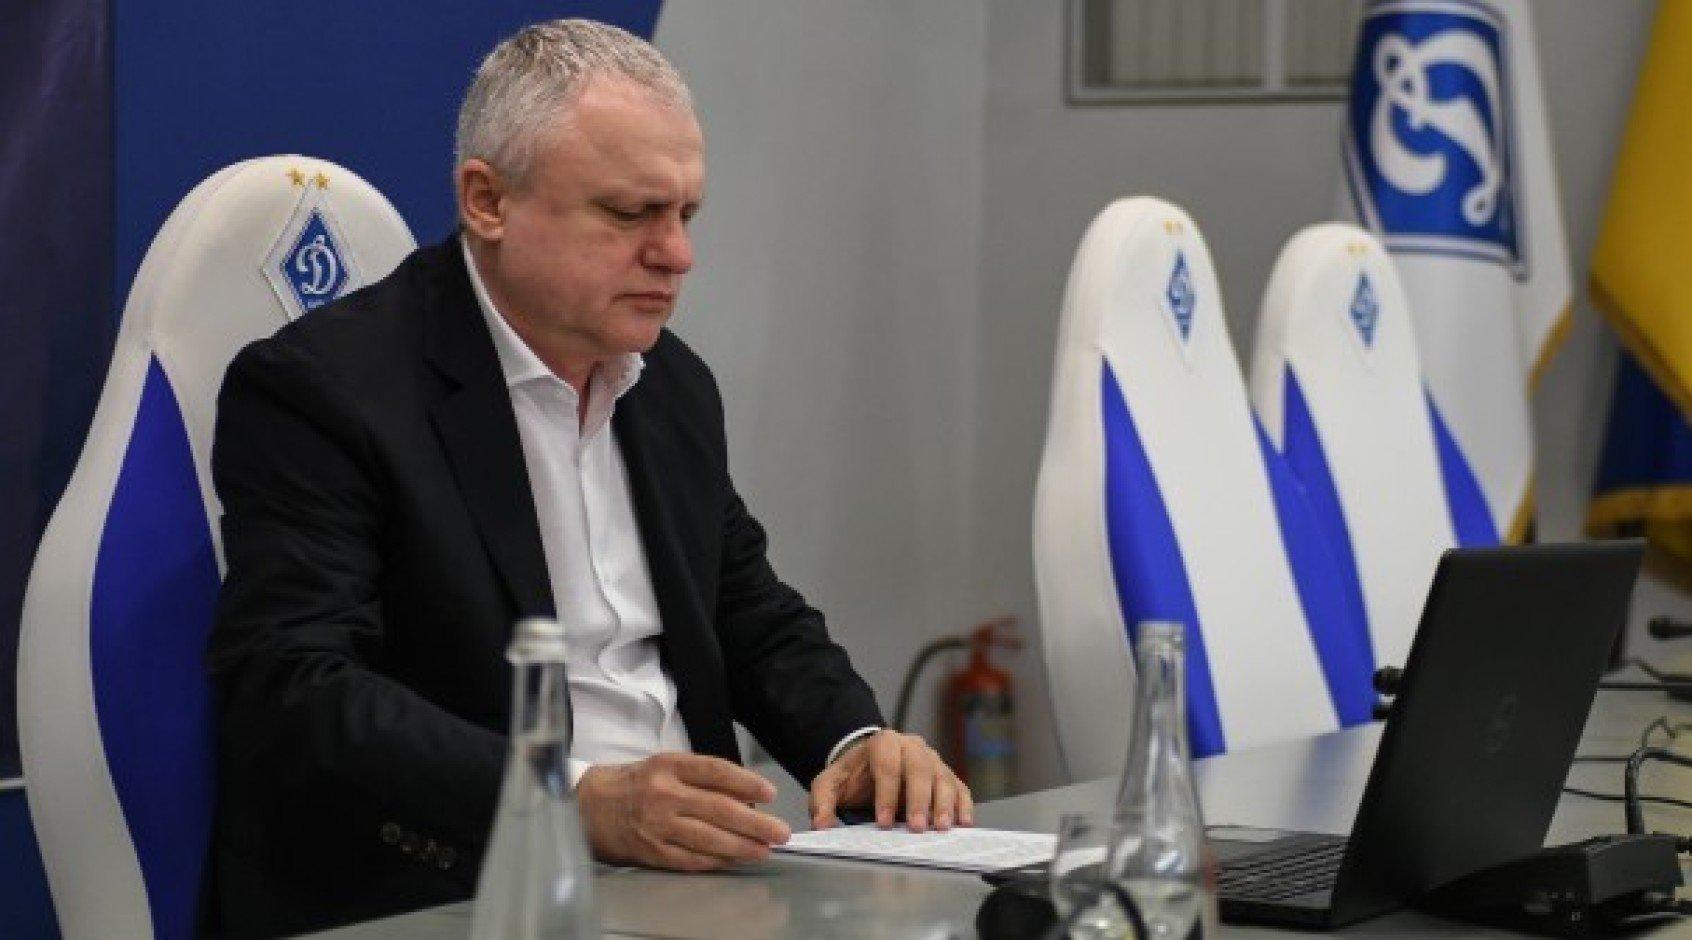 """Игорь Суркис: """"На тех, кто что-то пытается продемонстрировать, ни я, ни Луческу не обращаем внимания"""""""